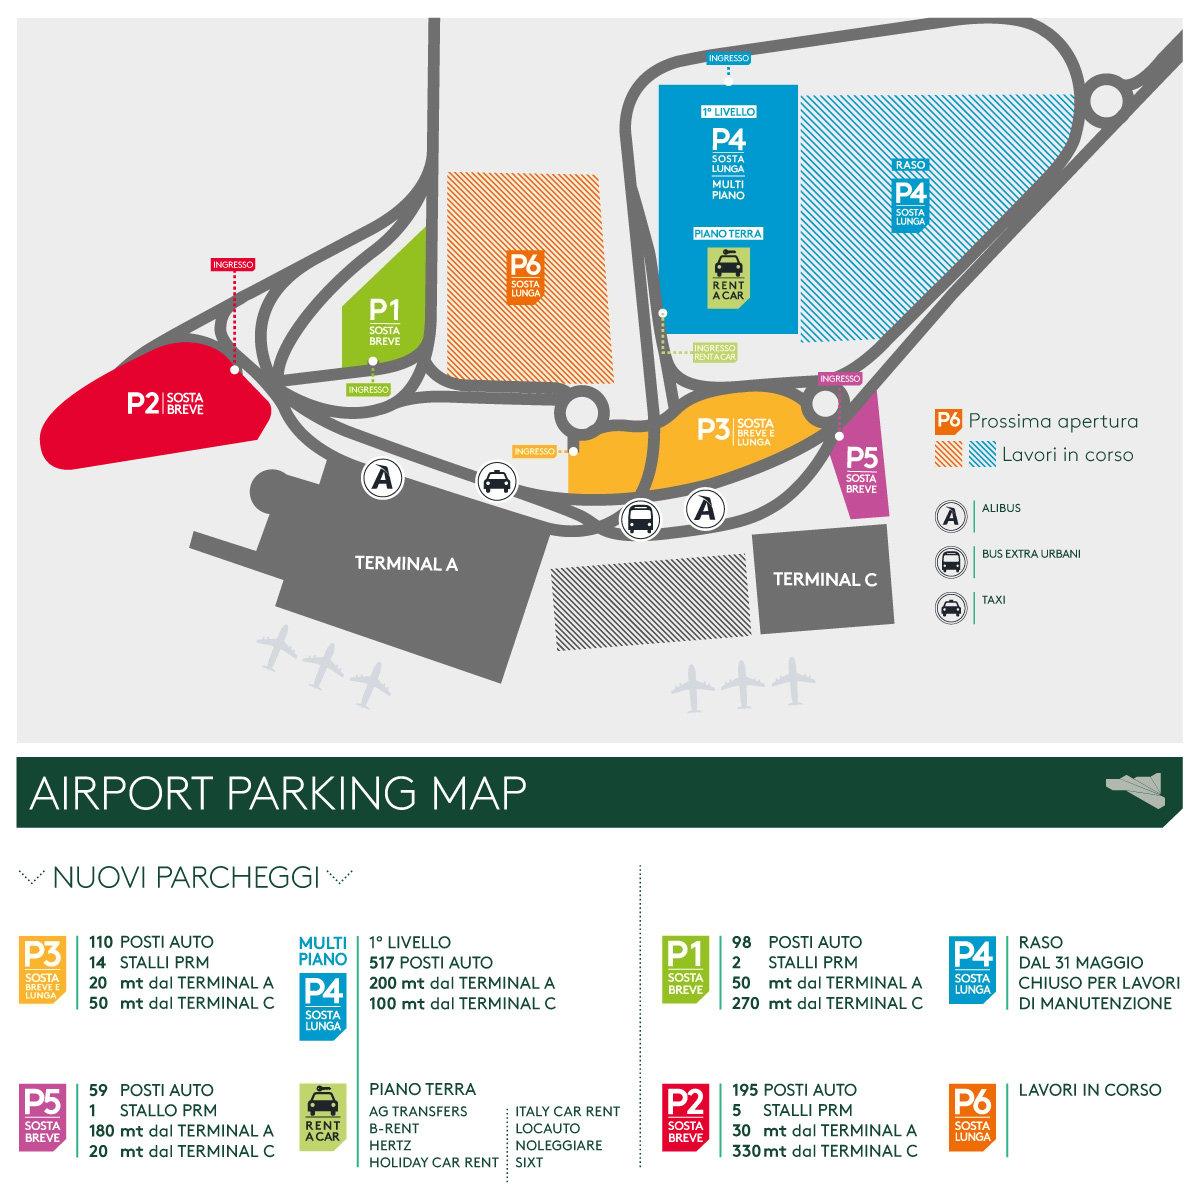 mappa viabilità e parking - aeroporto internazionale catania